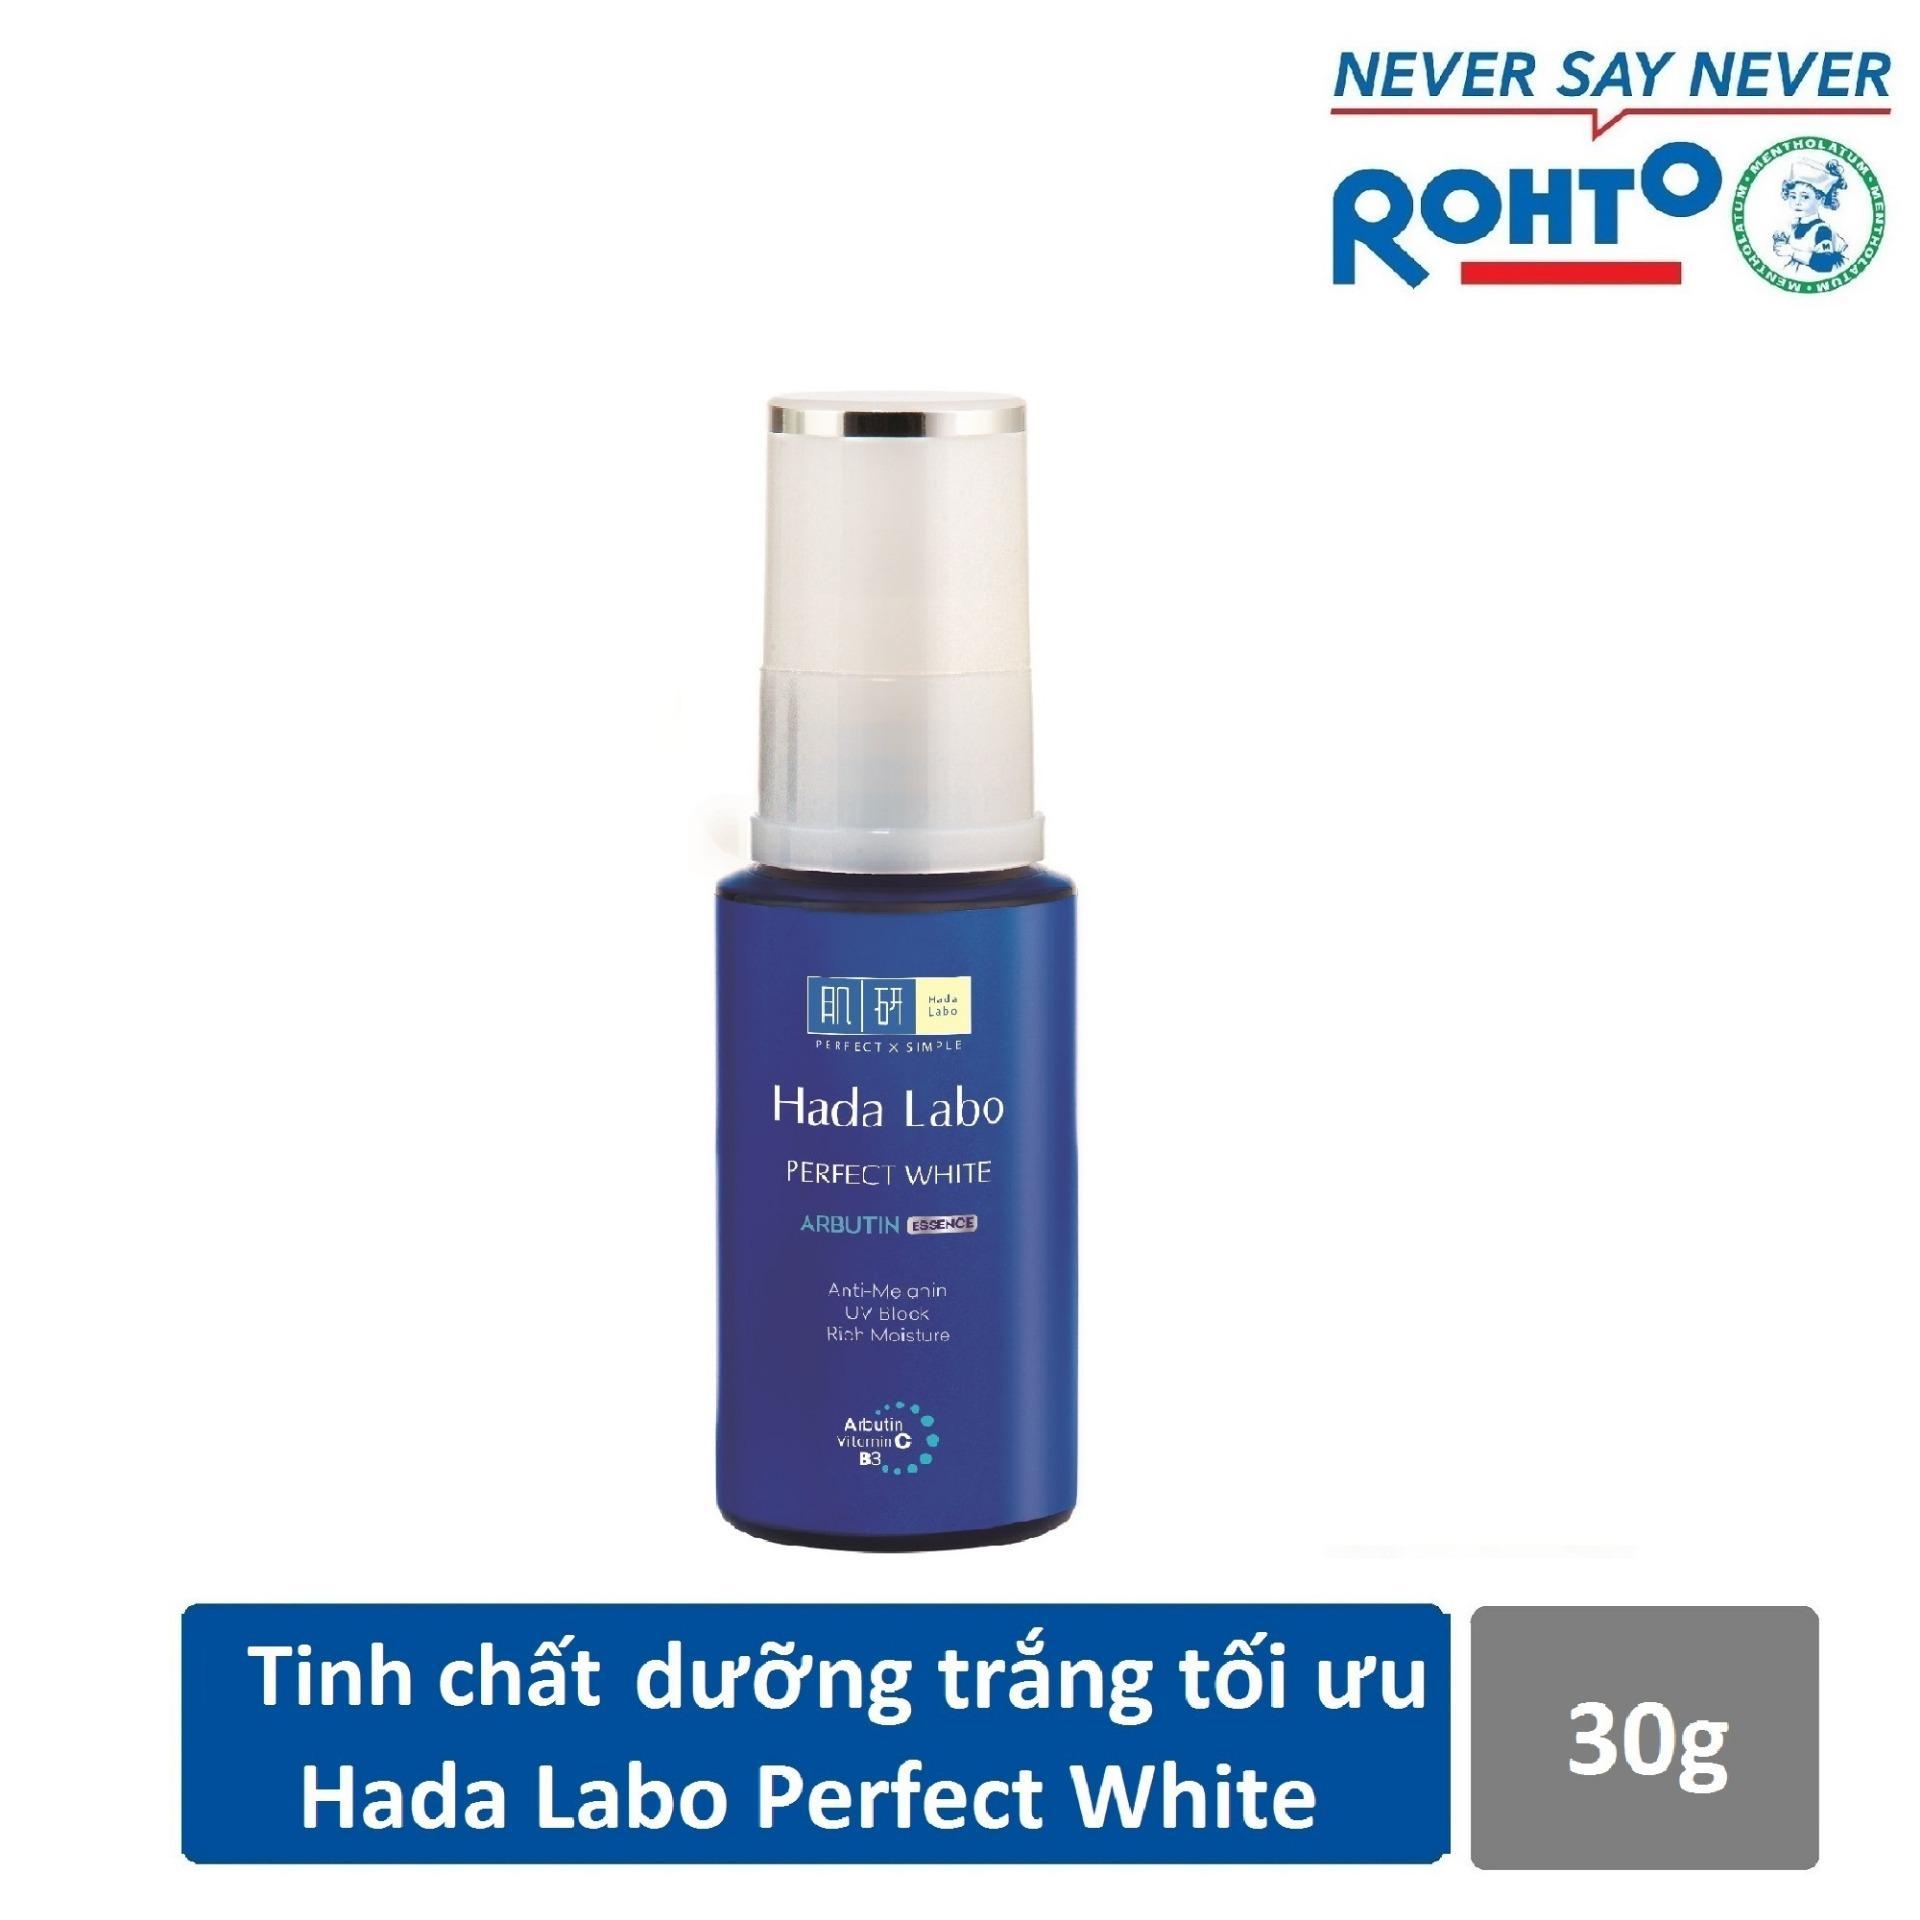 Tinh chất dưỡng trắng tối ưu Hada Labo Perfect White Essence 30g tốt nhất